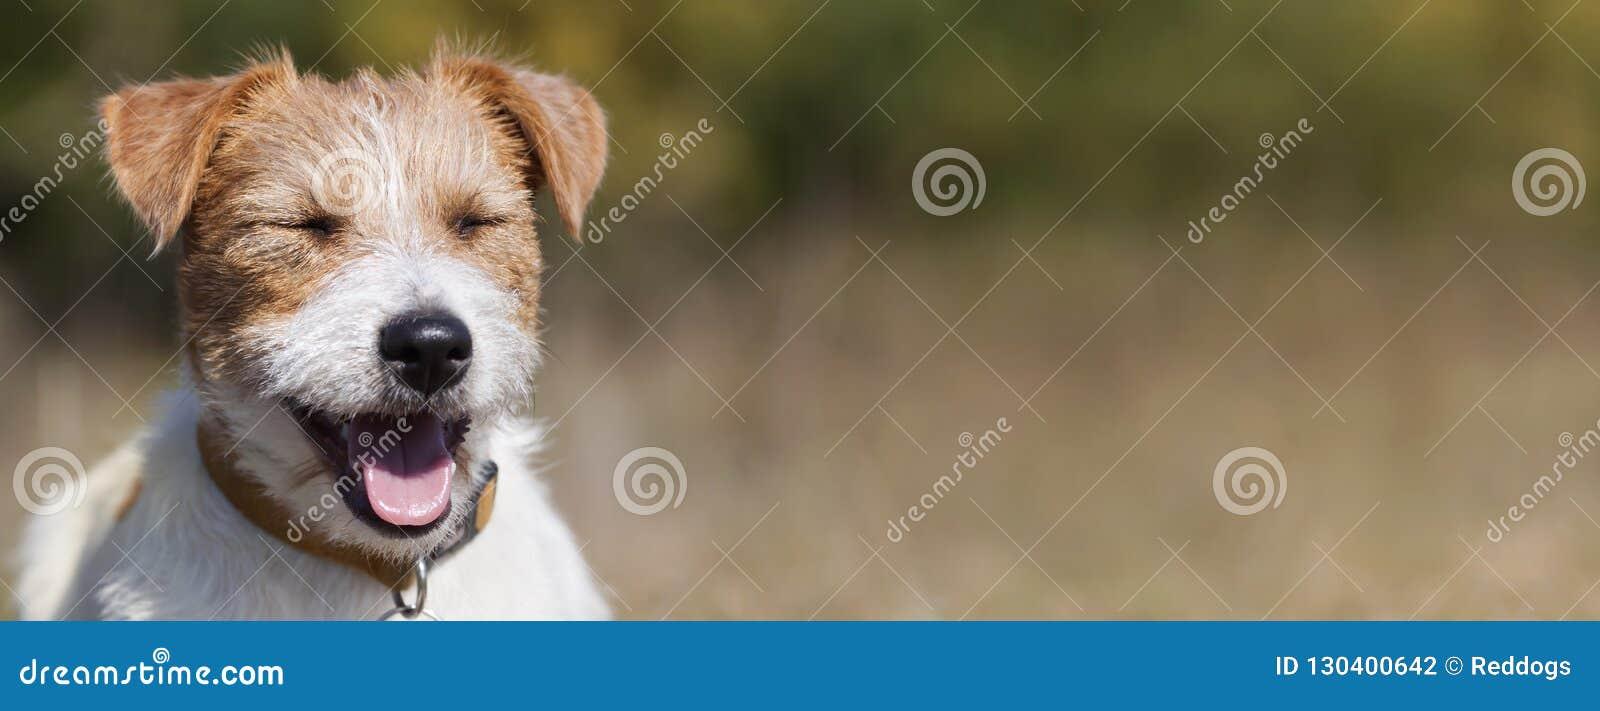 Έμβλημα Ιστού ενός ευτυχούς κουταβιού σκυλιών κατοικίδιων ζώων χαμόγελου